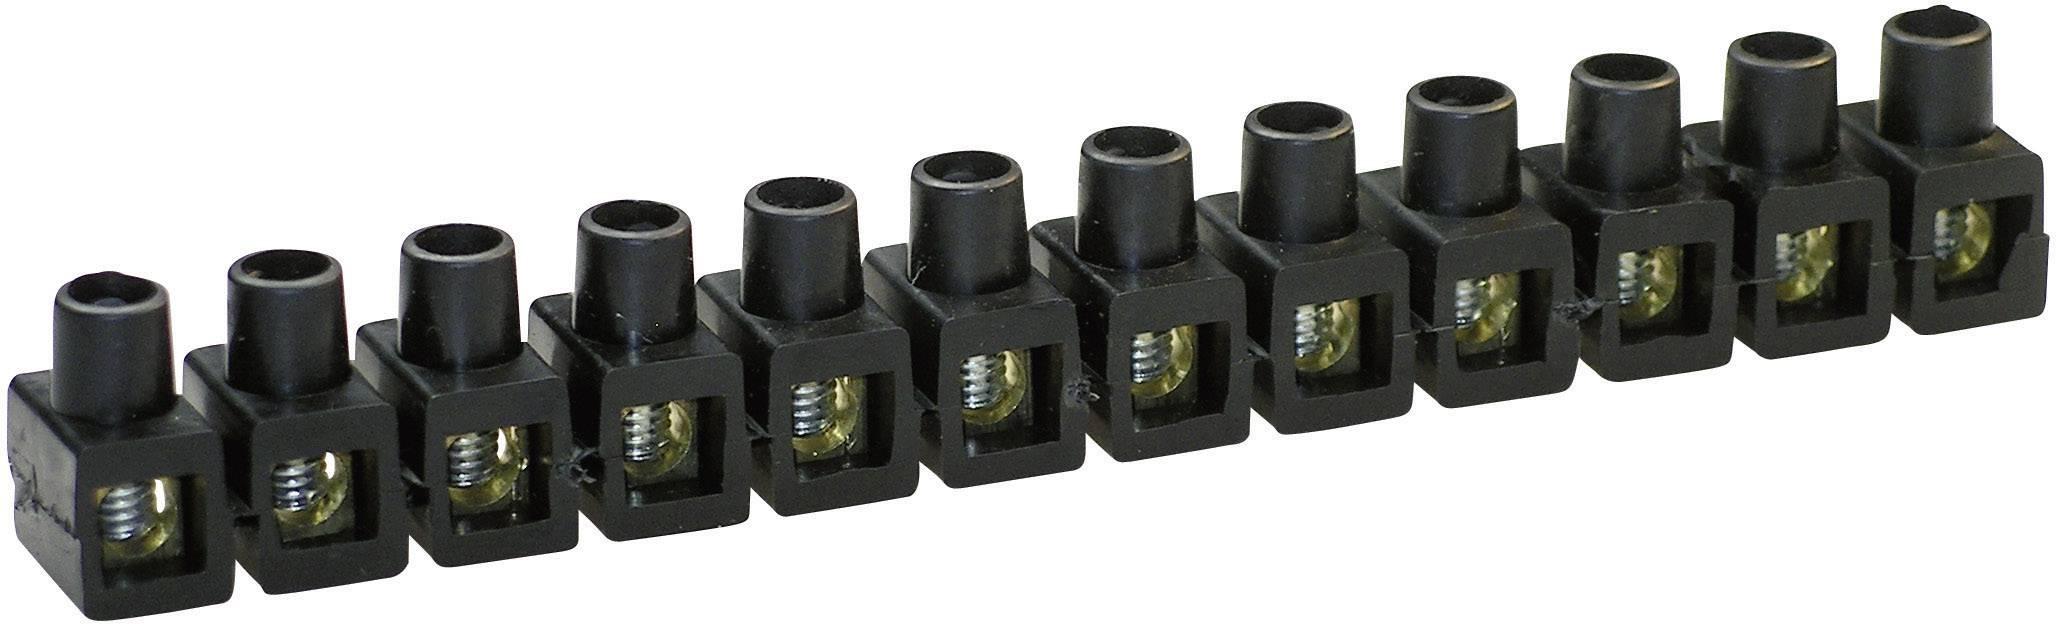 Krabicová svorka Kaiser na kábel s rozmerom 2.5-6 mm², pólů 12, 1 ks, čierna